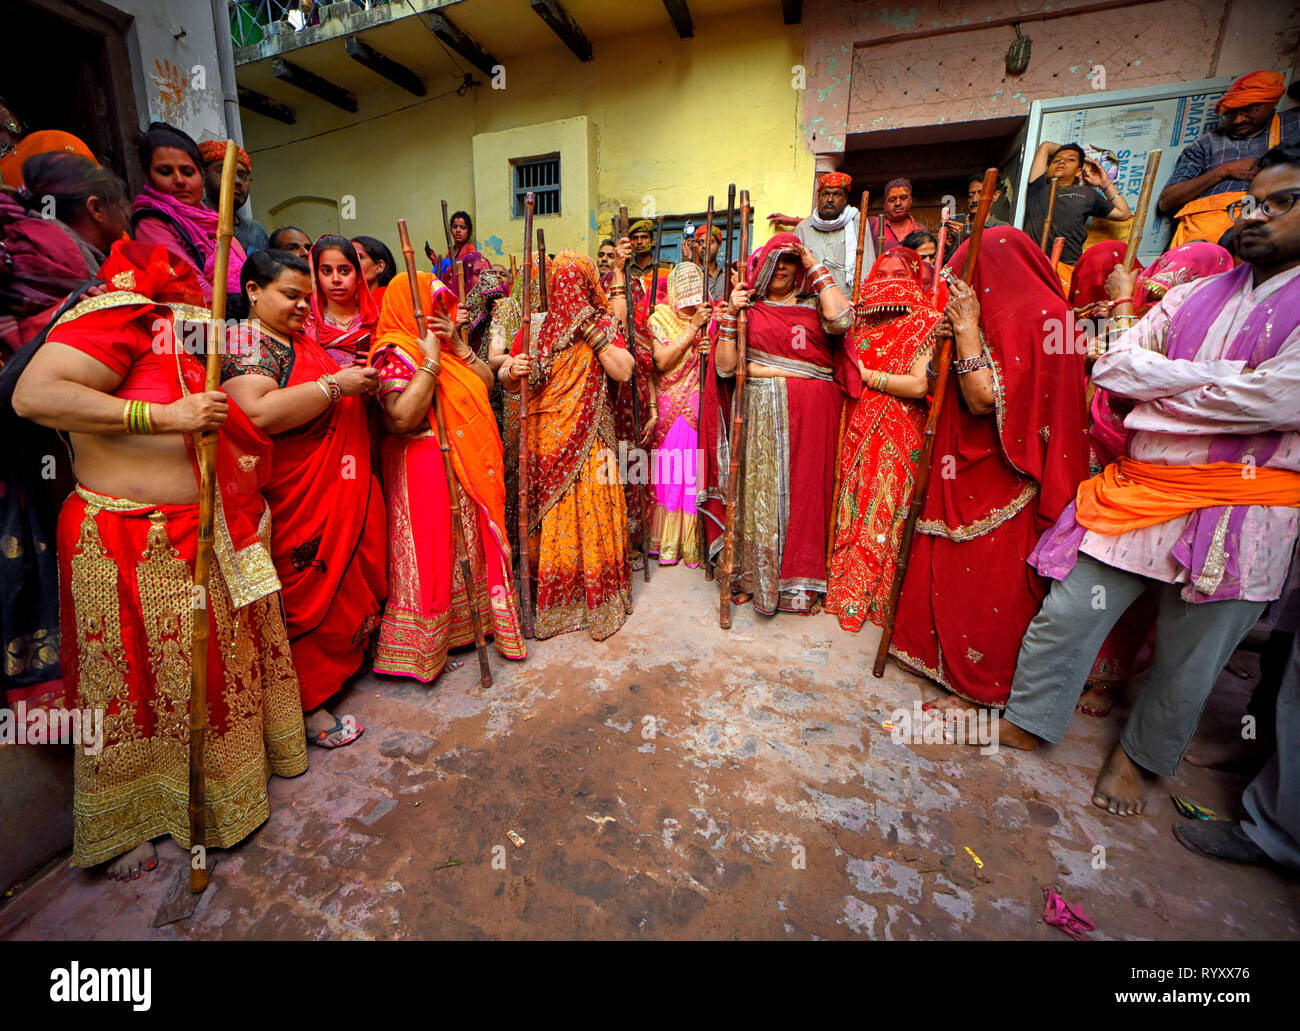 Holi Week Stock Photos & Holi Week Stock Images - Alamy